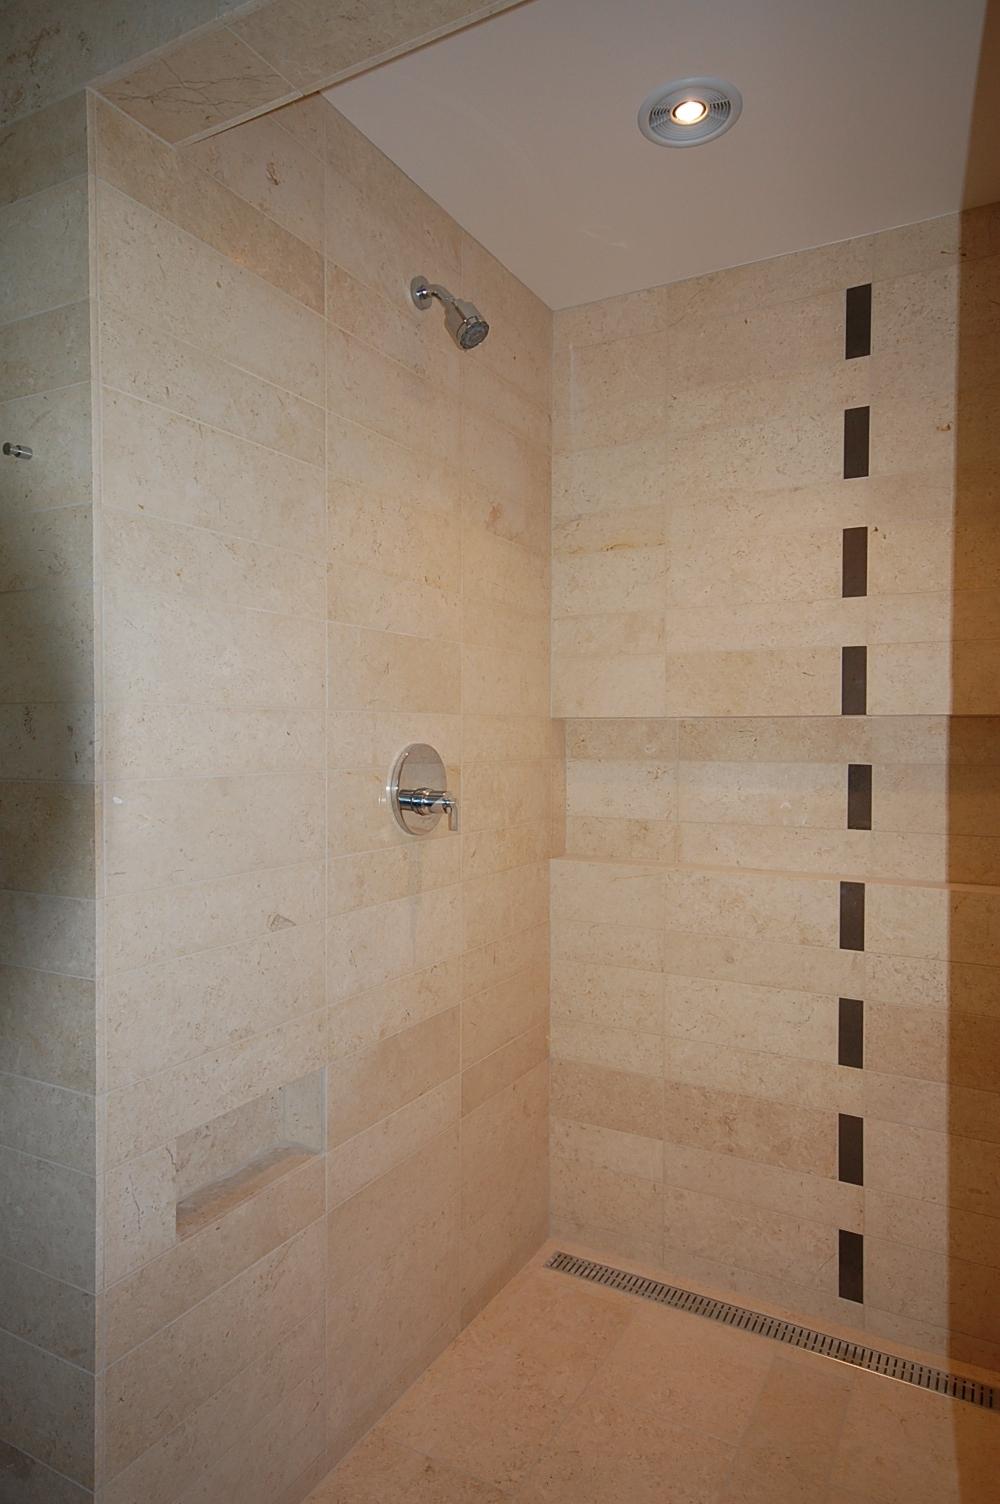 Nice 12 X 24 Ceramic Tile Big 12X12 Vinyl Floor Tiles Square 2X4 Ceiling Tiles Cheap 3X6 White Subway Tile Lowes Young 4 X 4 Ceramic Wall Tile Dark6X6 Ceramic Tile FIRM: Built Form Design | PRODUCT: Jerusalem Stone   Stone Source